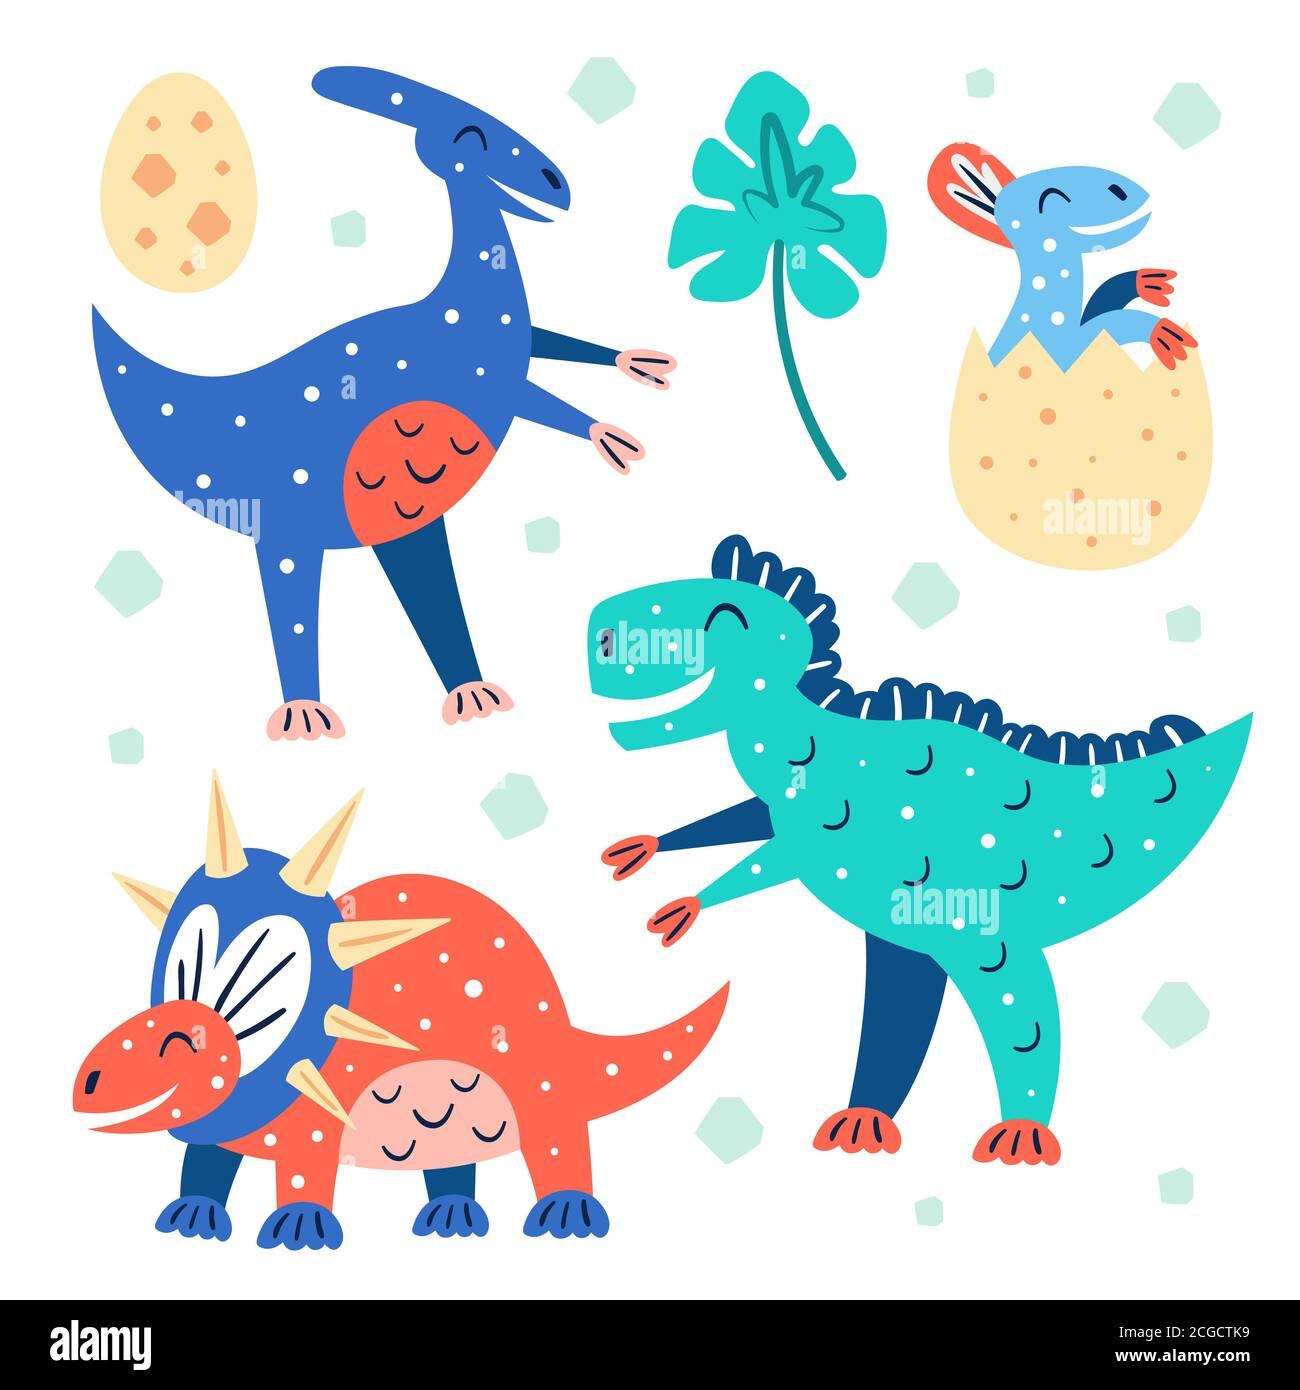 Conjunto De Pequenos Y Lindos Dinosaurios Triceratops T Rex Parasaurolophus Bebe Azul Dino En Huevo Animales Prehistoricos Mundo Jurasico Vector De Colores Planos Imagen Vector De Stock Alamy Pues ya verás cuando lo pongas a tu gusto: https www alamy es conjunto de pequenos y lindos dinosaurios triceratops t rex parasaurolophus bebe azul dino en huevo animales prehistoricos mundo jurasico vector de colores planos image371535005 html